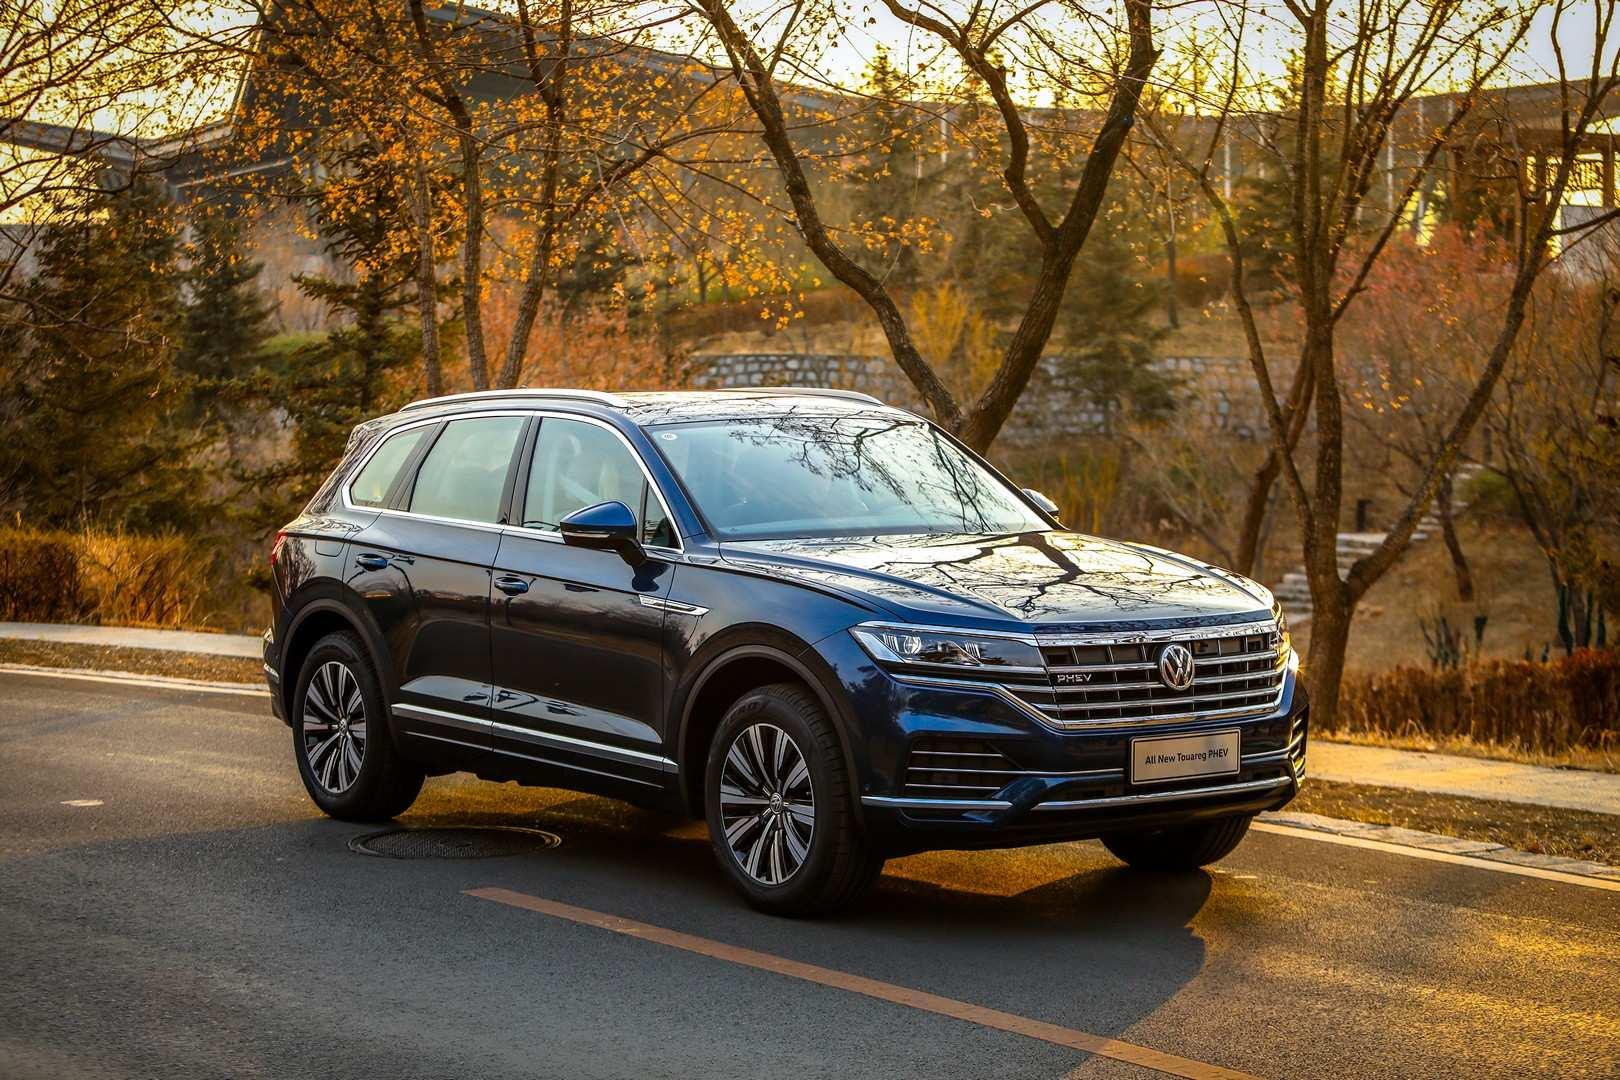 92 New Volkswagen Touareg Hybrid 2020 Wallpaper by Volkswagen Touareg Hybrid 2020